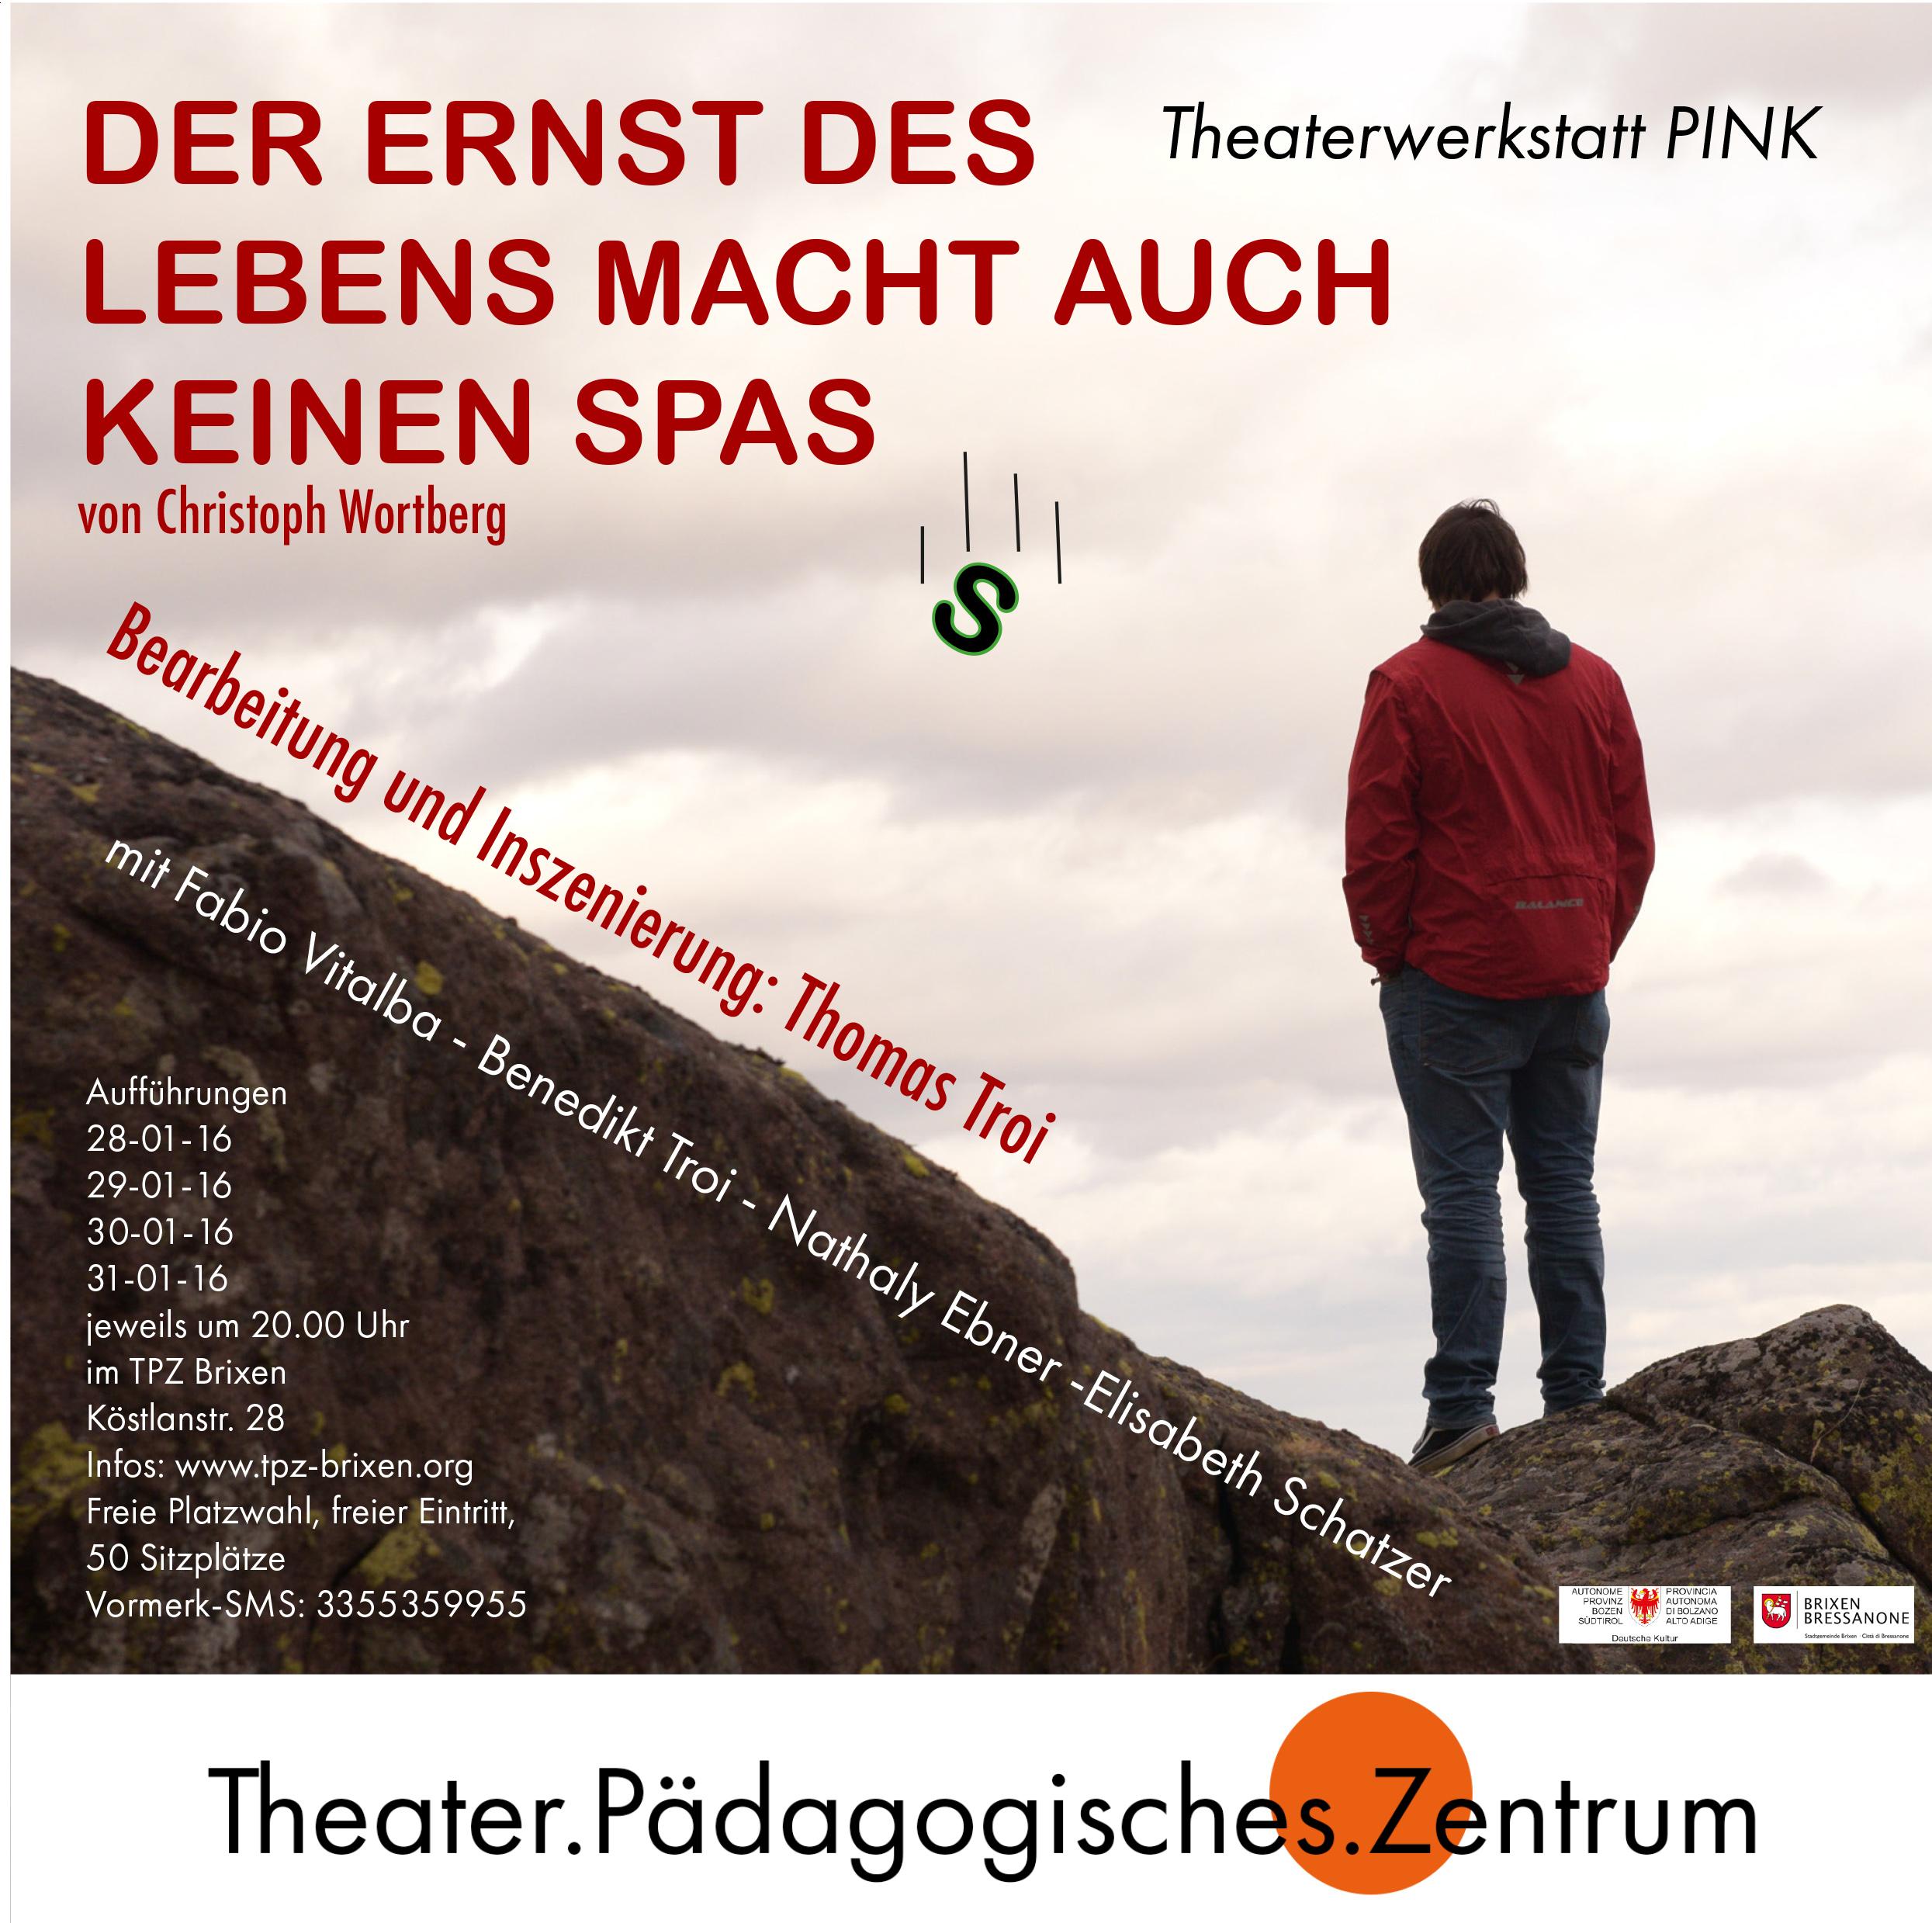 2016 pink Ernst des Lebens Plakat.jpg